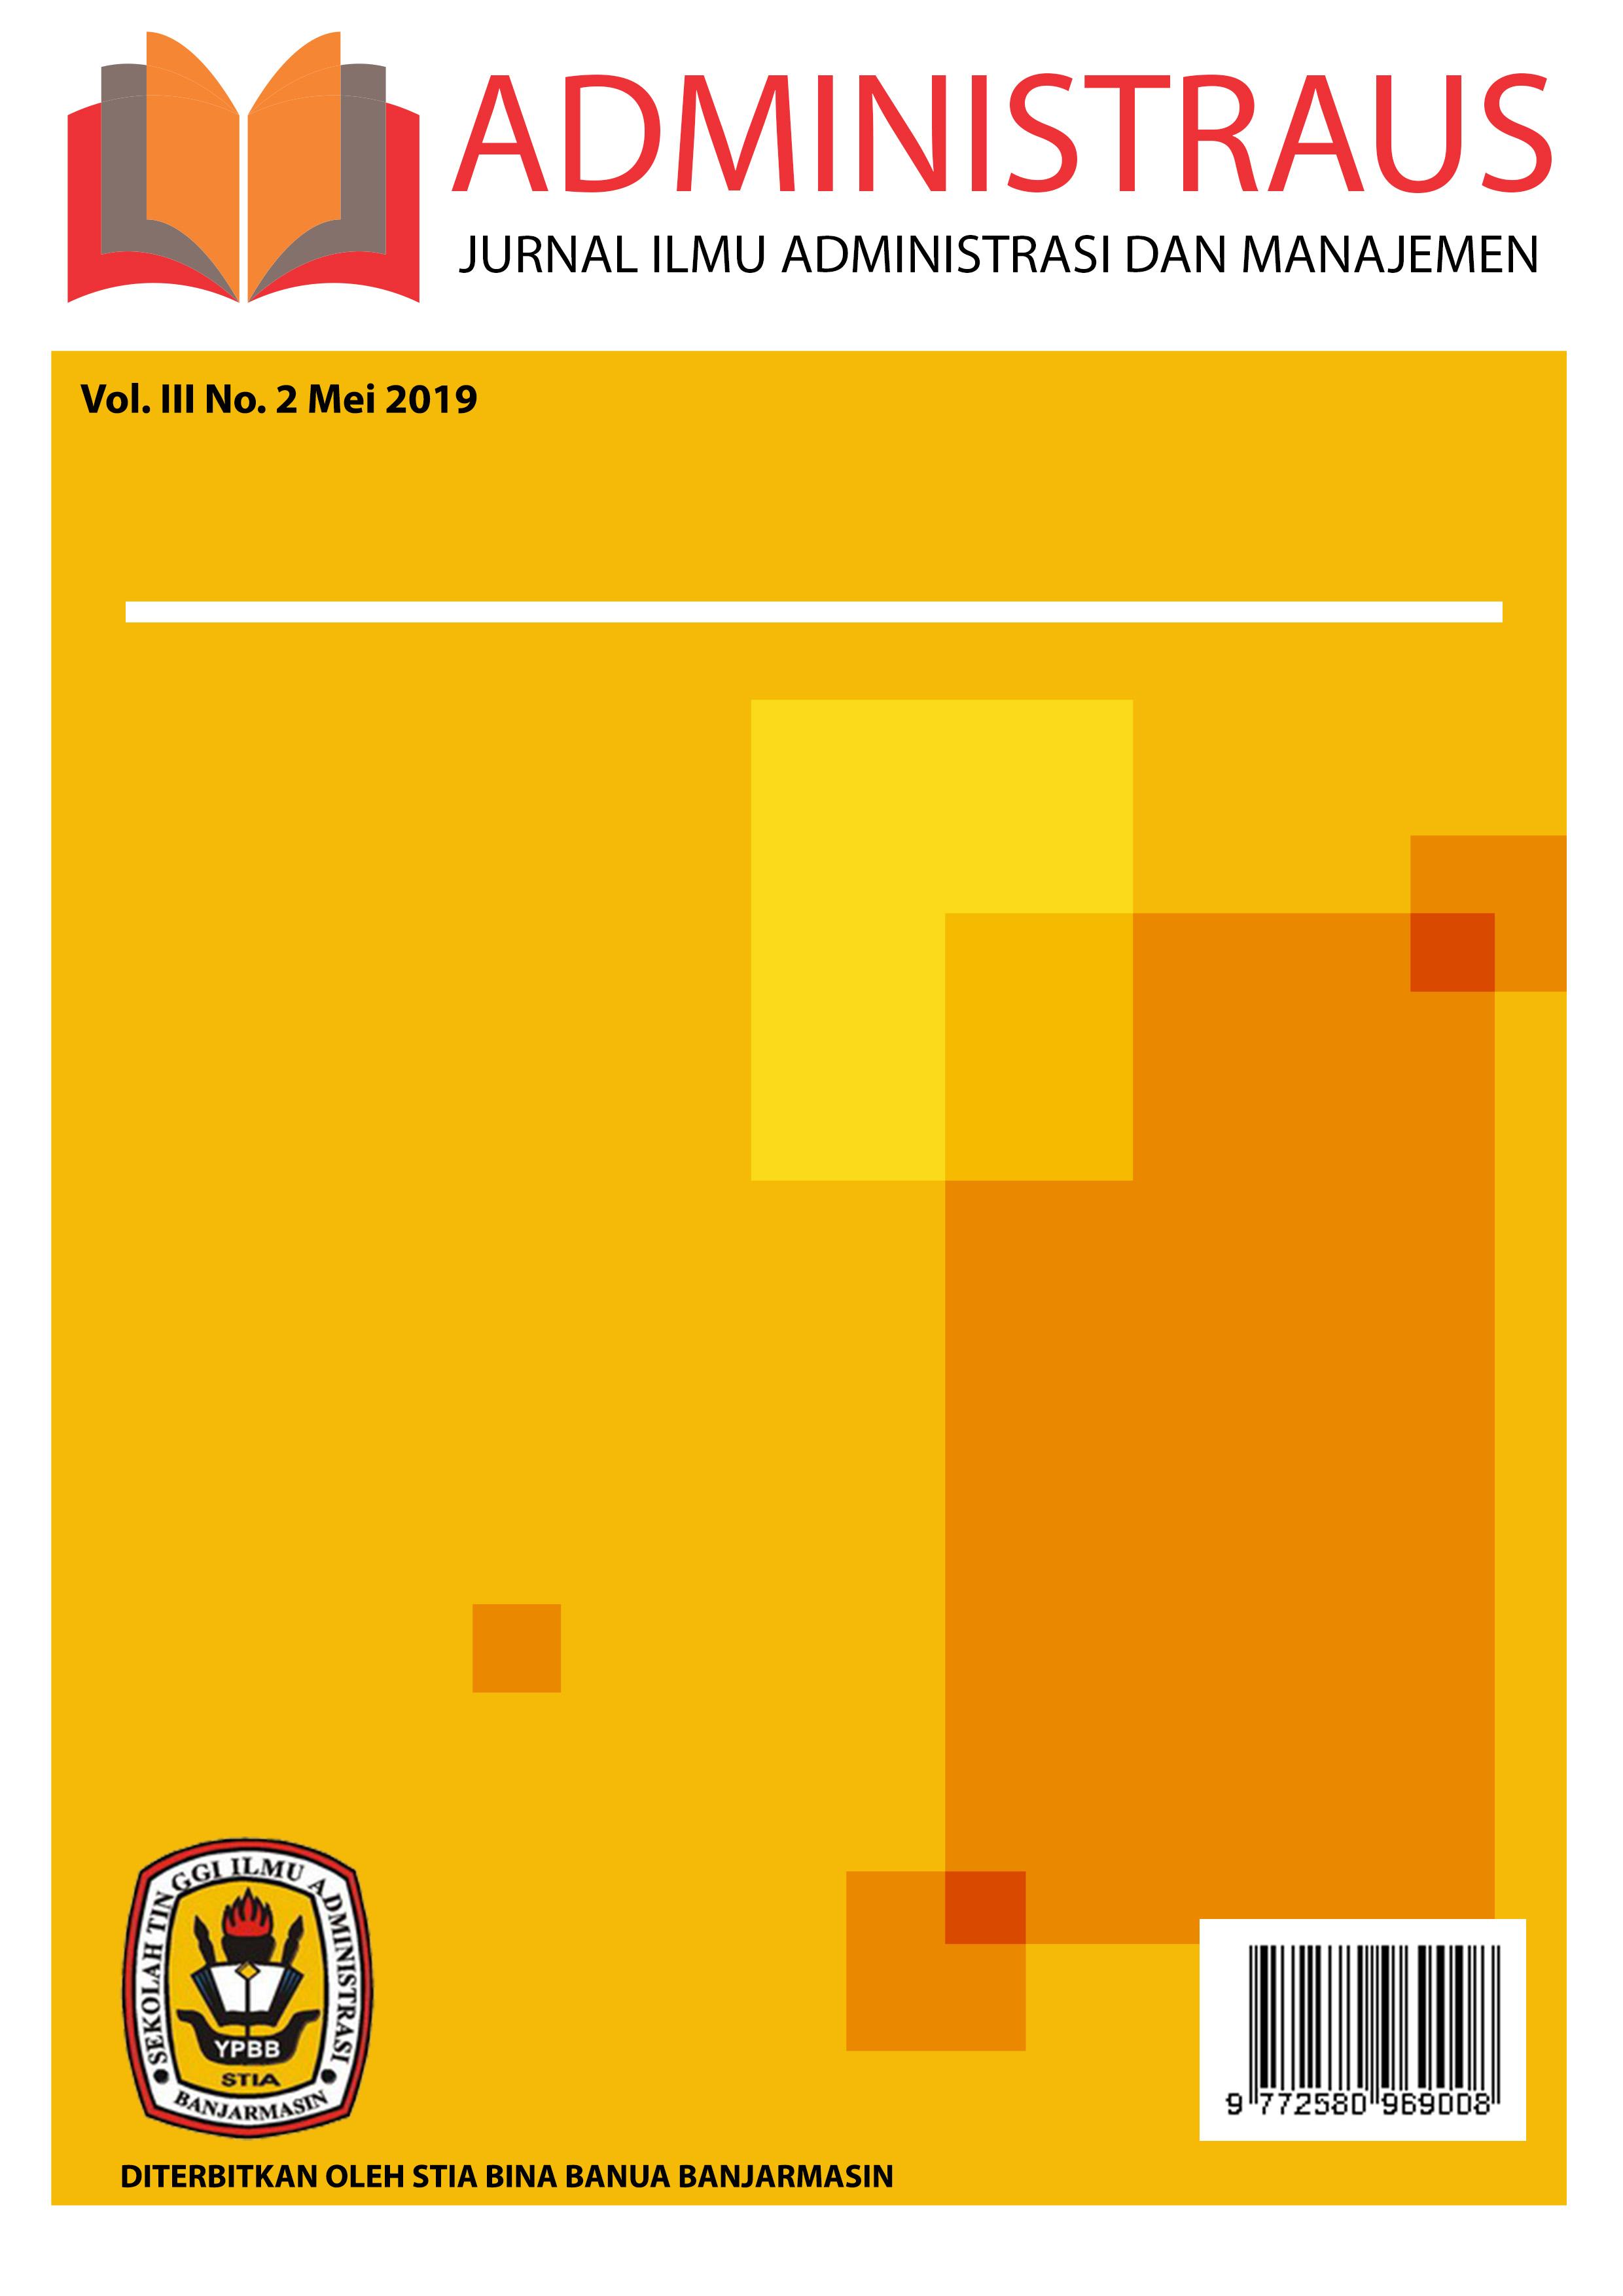 Jurnal Ilmu Administrasi dan Manajemen - Administraus